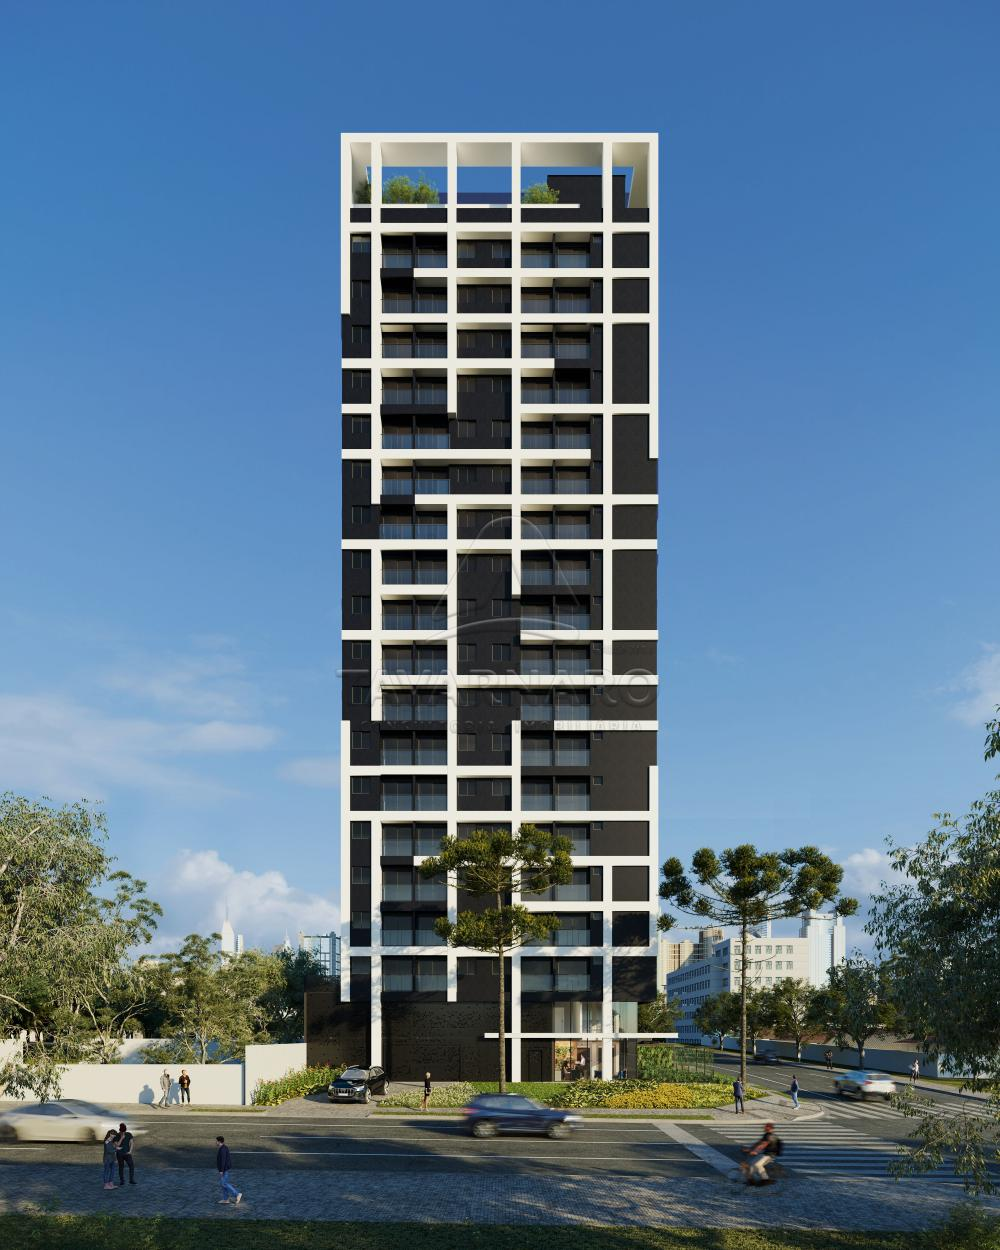 Comprar Apartamento / Padrão em Curitiba apenas R$ 297.386,88 - Foto 2